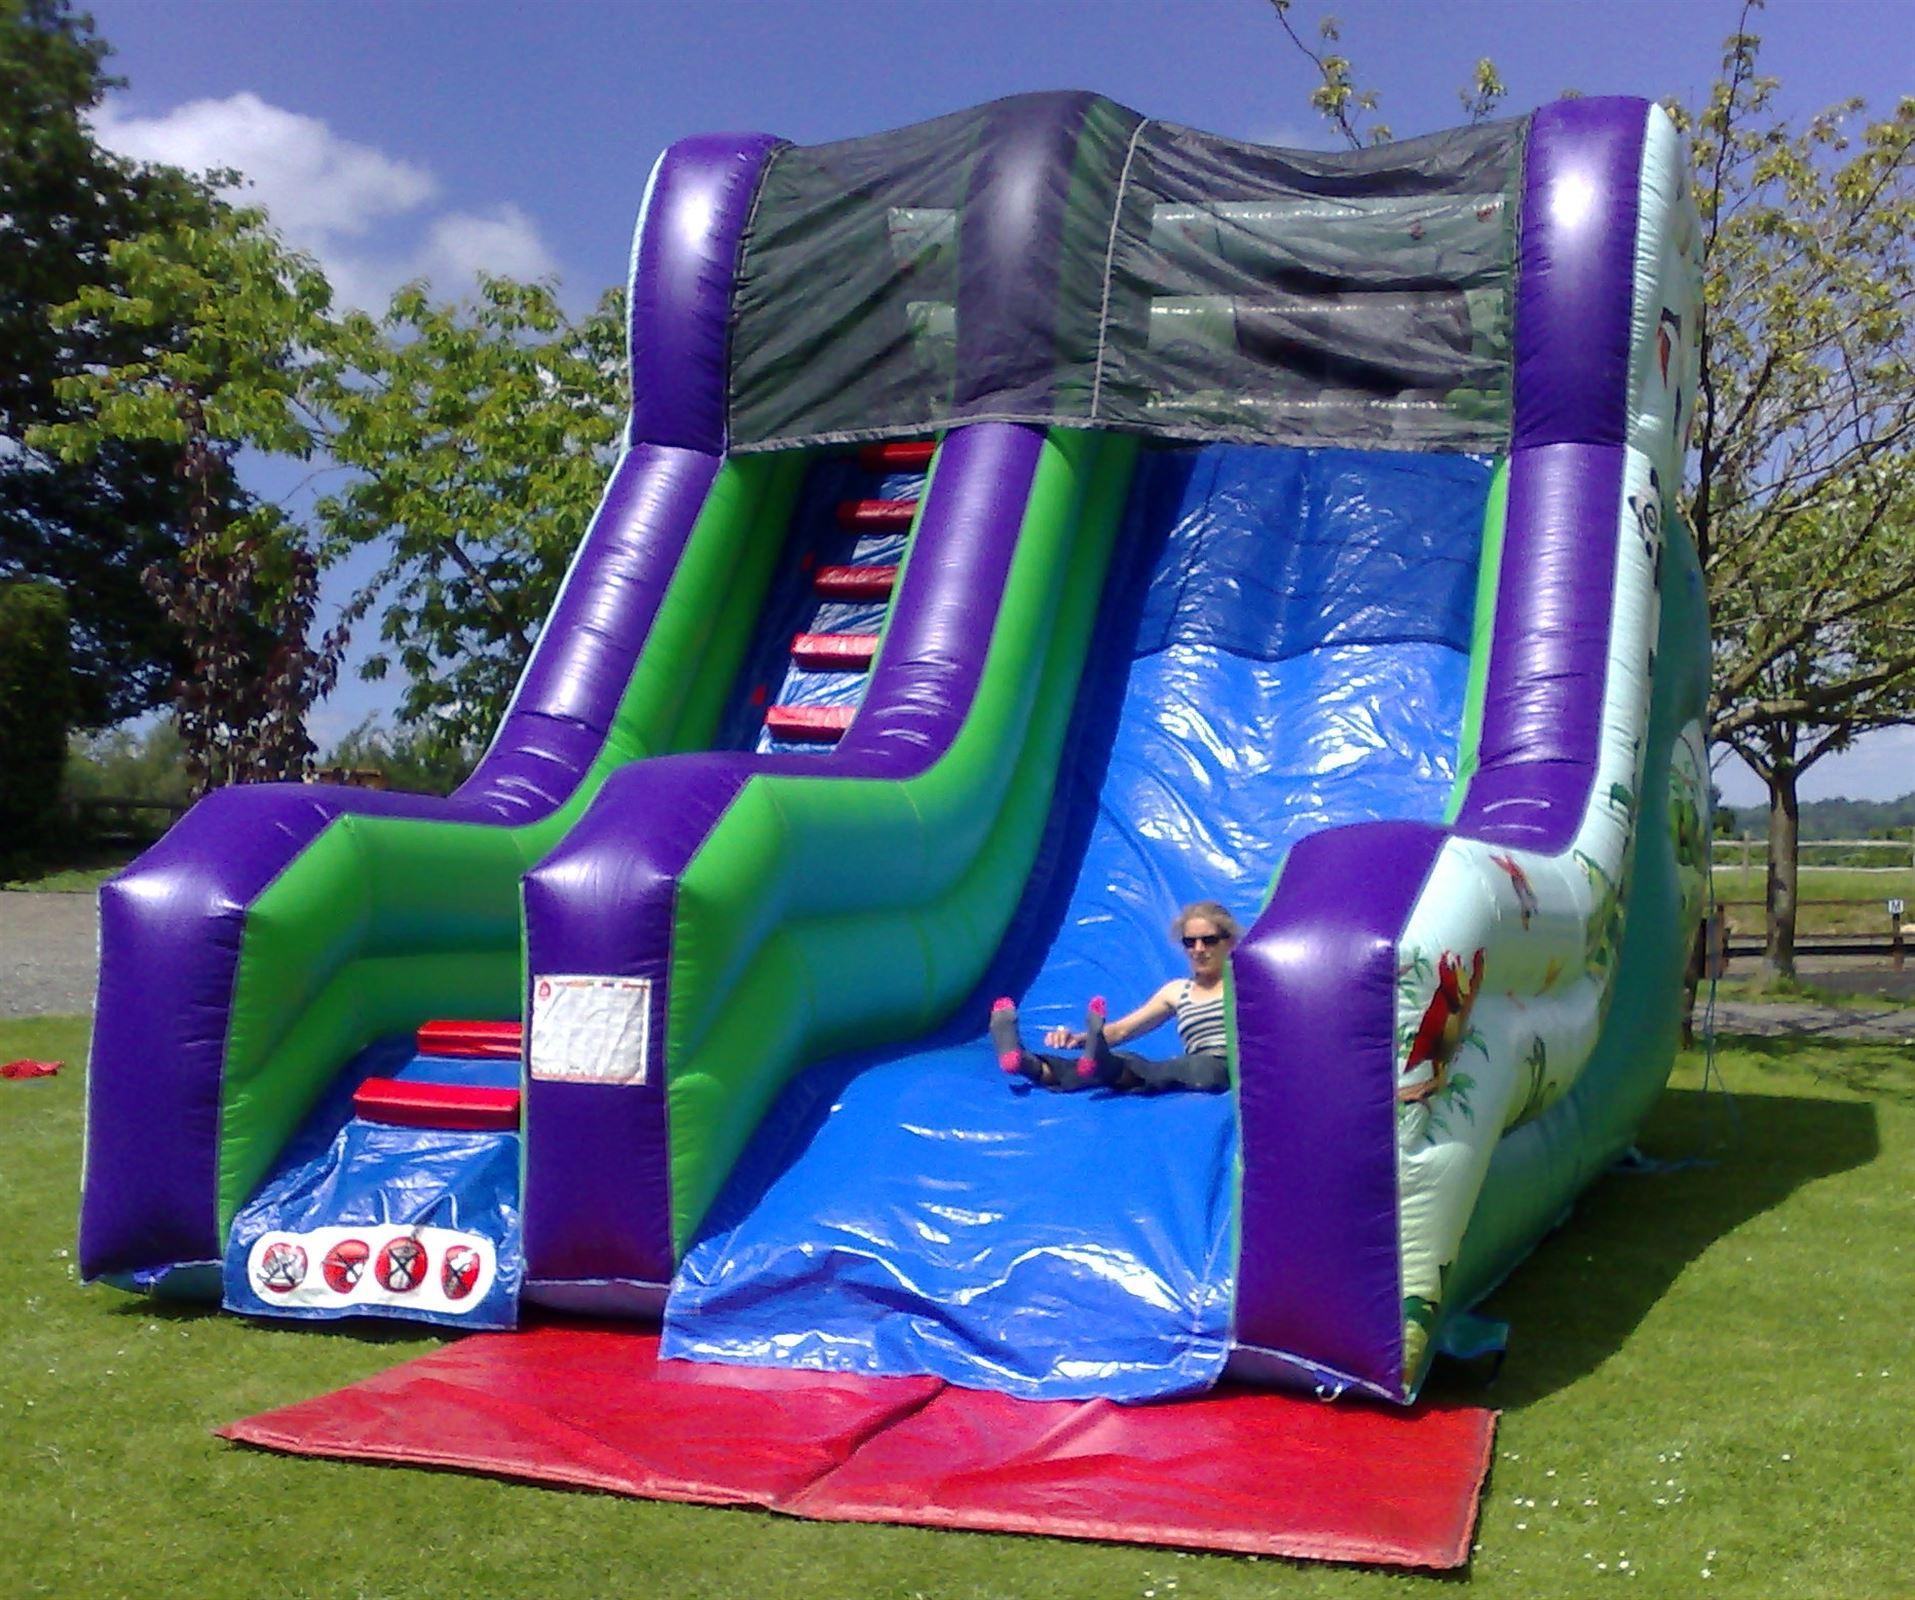 Inflatable Slide Hire Uk: 20ft High Mega Jungle Themed Inflatable Slide